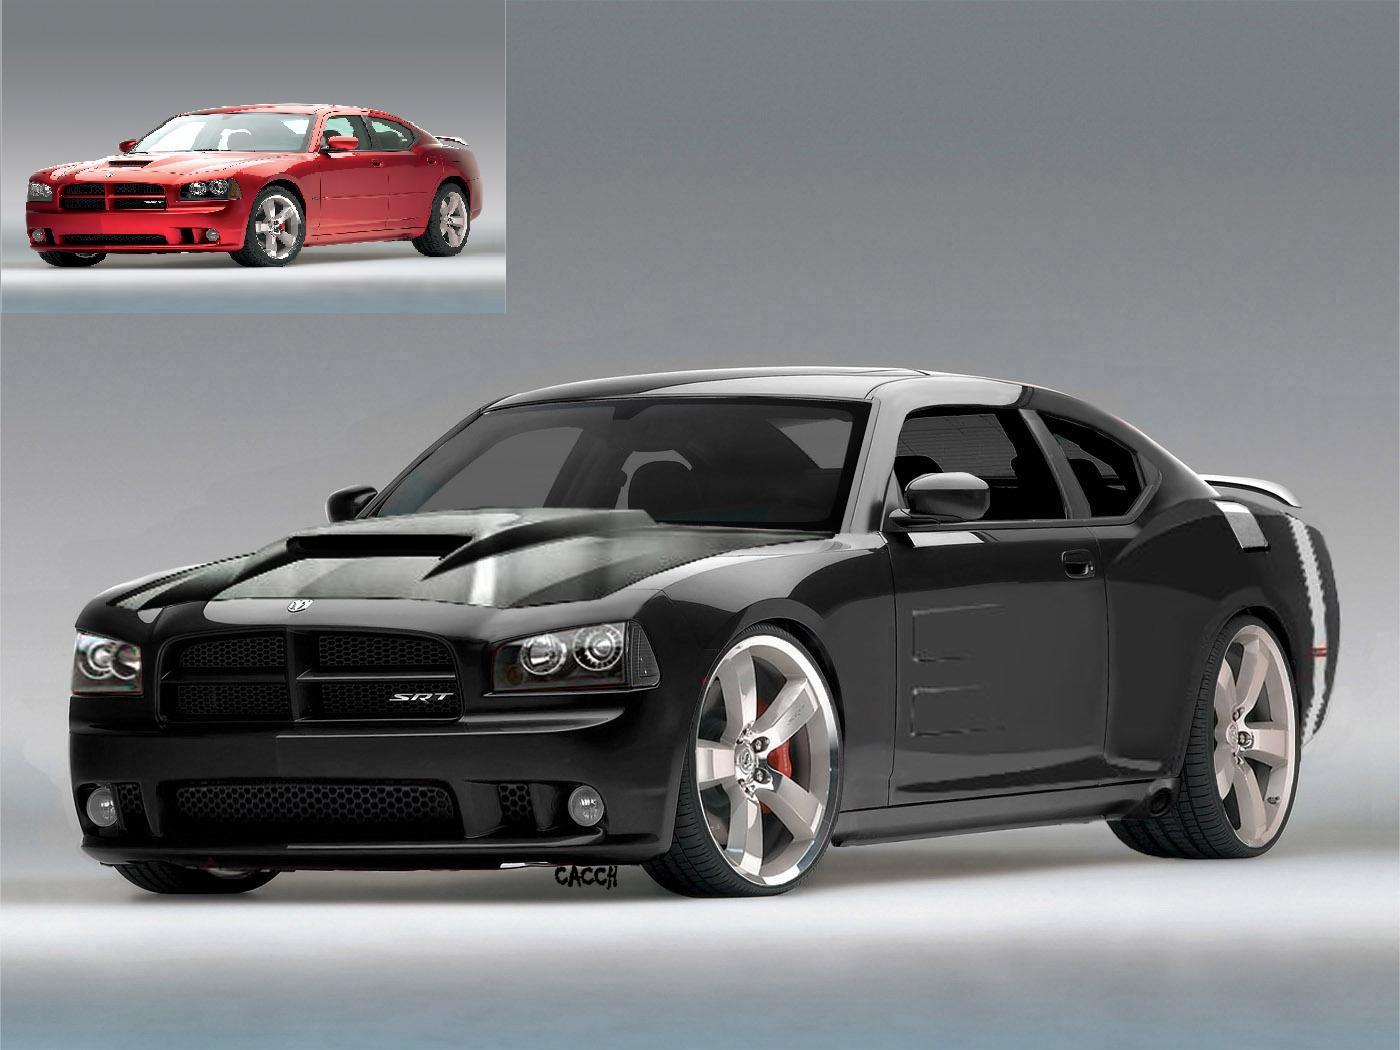 http://4.bp.blogspot.com/-06xf7XyrEqI/TjX-L6xeHdI/AAAAAAAABL4/I8JrT_UFeXs/s1600/Dodge+Charger+SRT+8+Concept.JPG